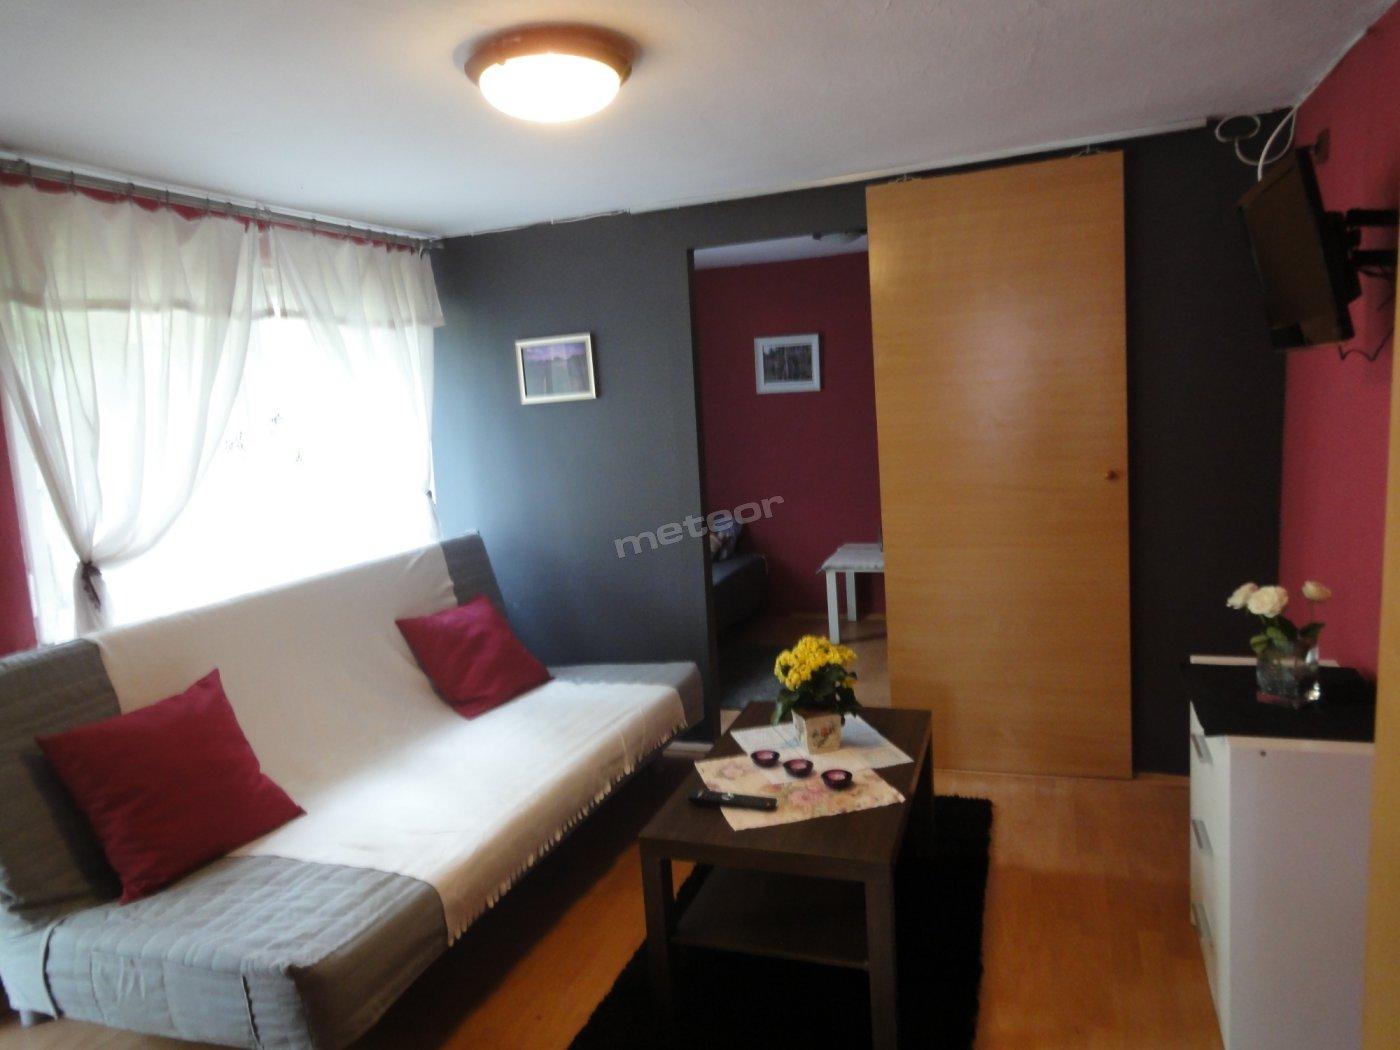 Apartament Wrzosowy - pokój dzienny